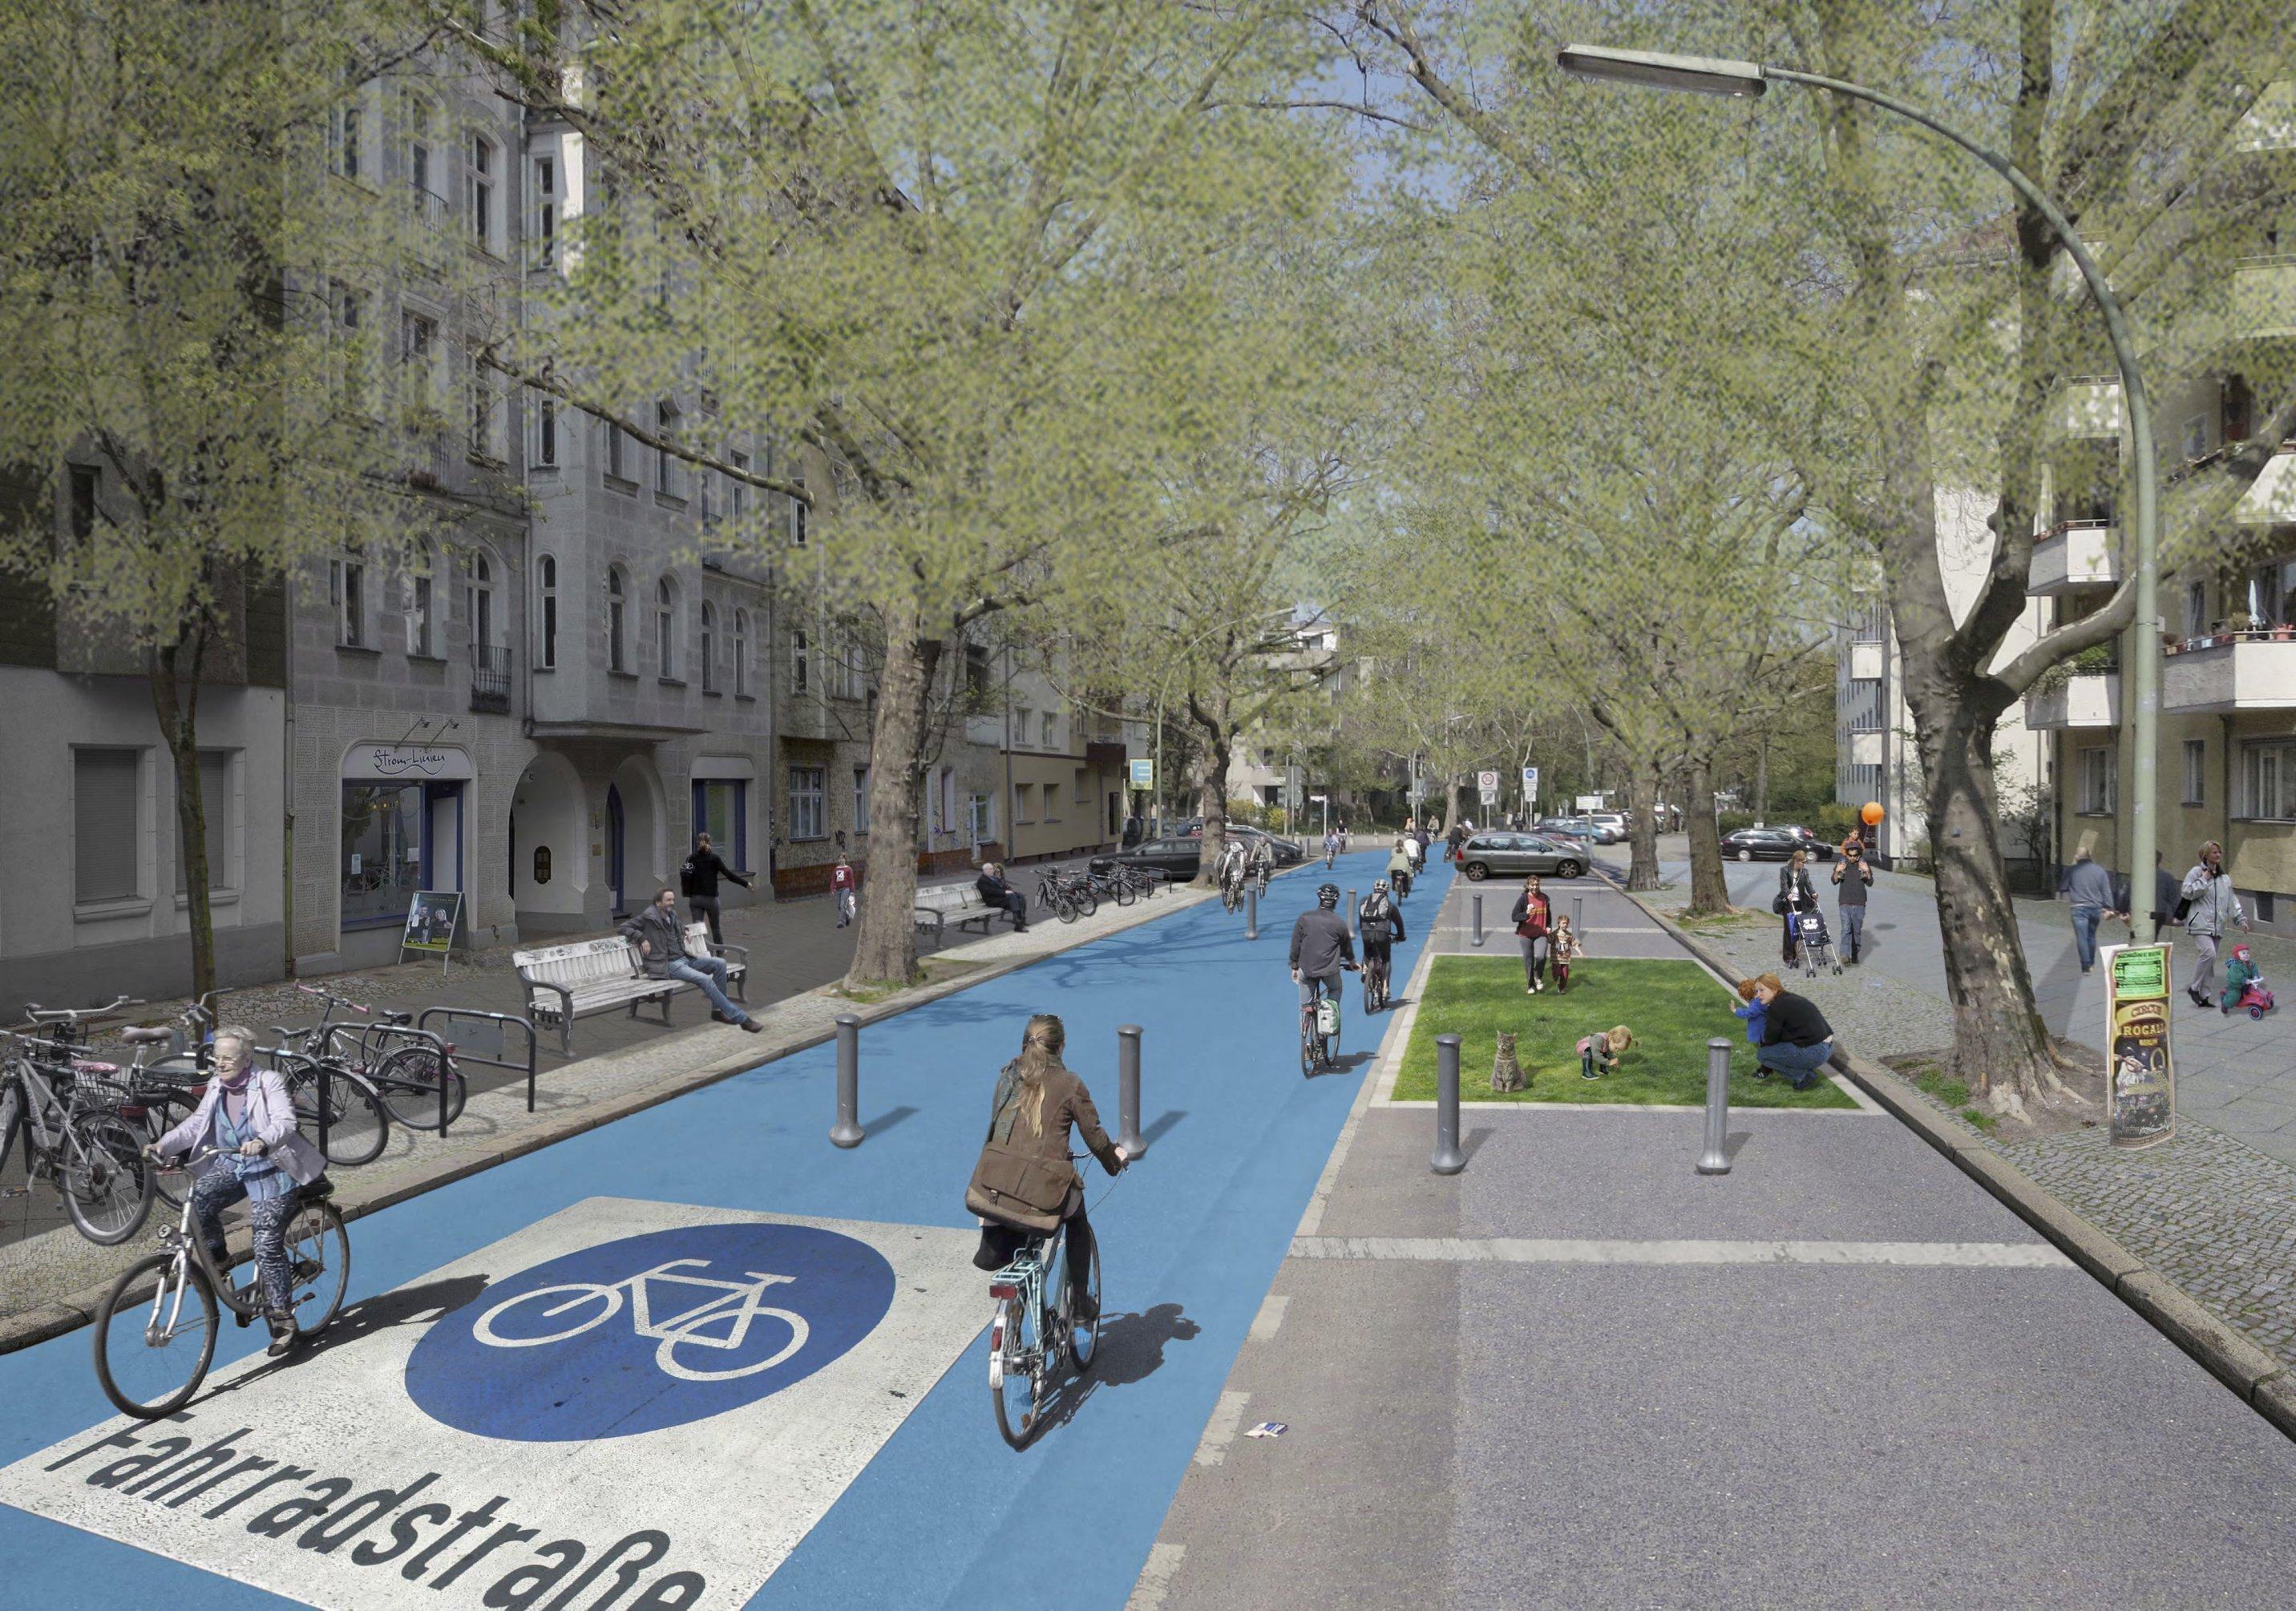 Radfahrer fahren durch eine Allee, die nur für Radfahrer gekennzeichnet ist.